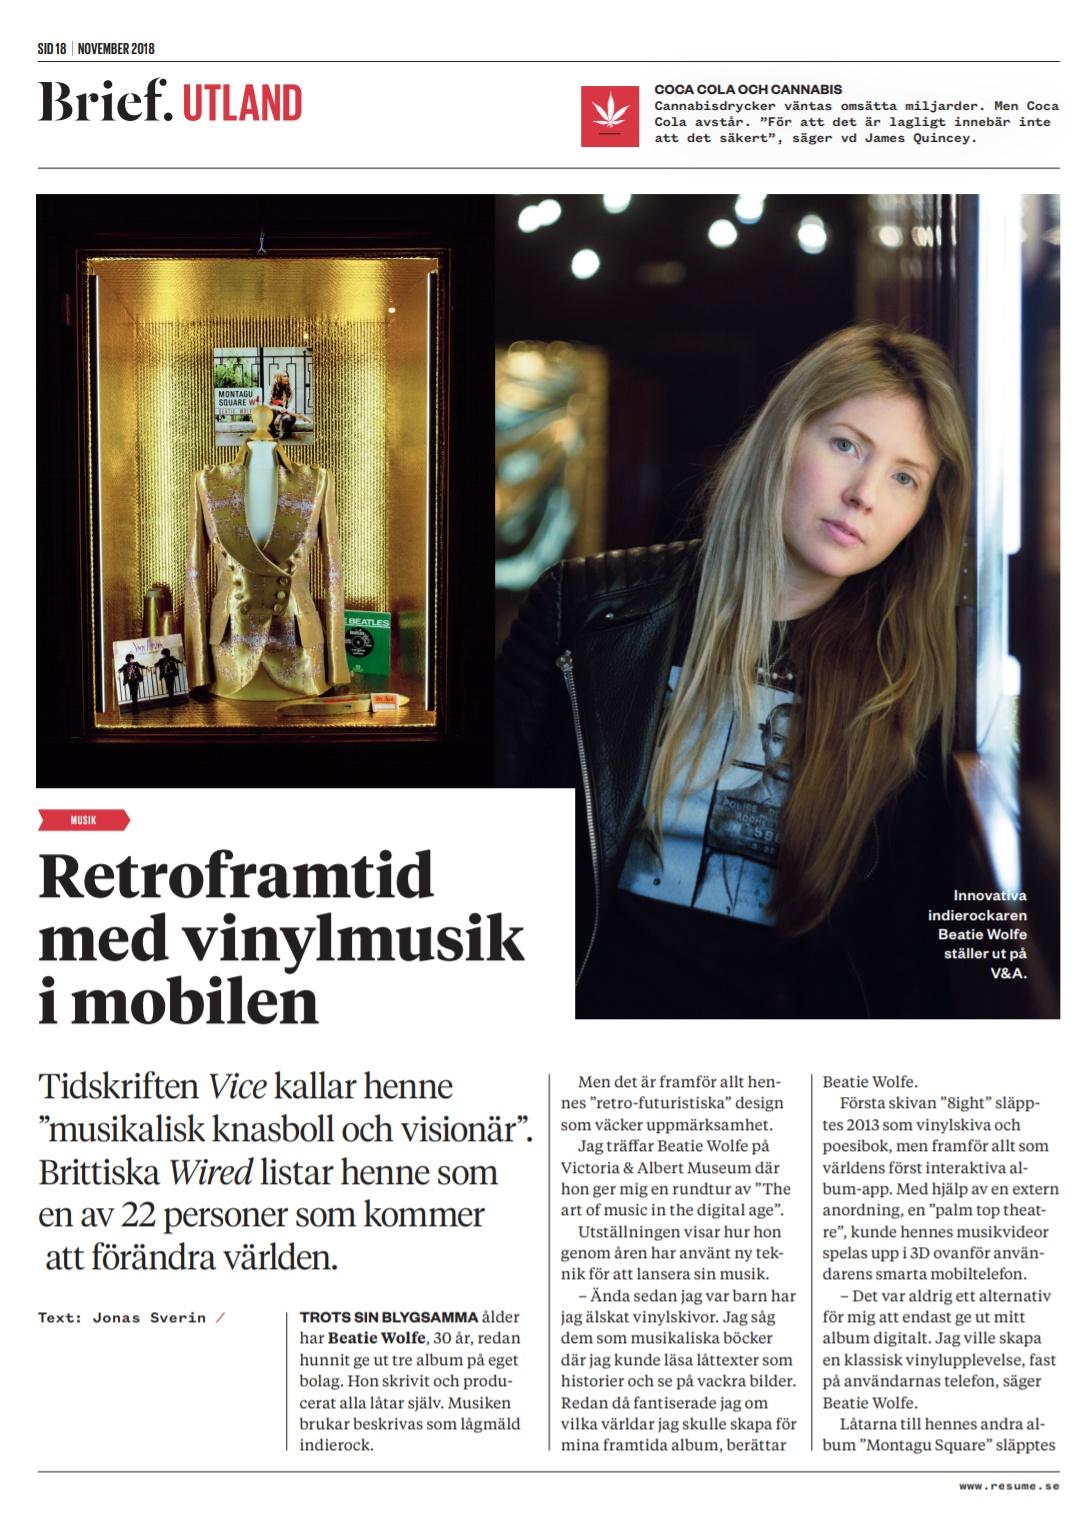 Resume Magazine (Sweden) on Beatie Wolfe p.18